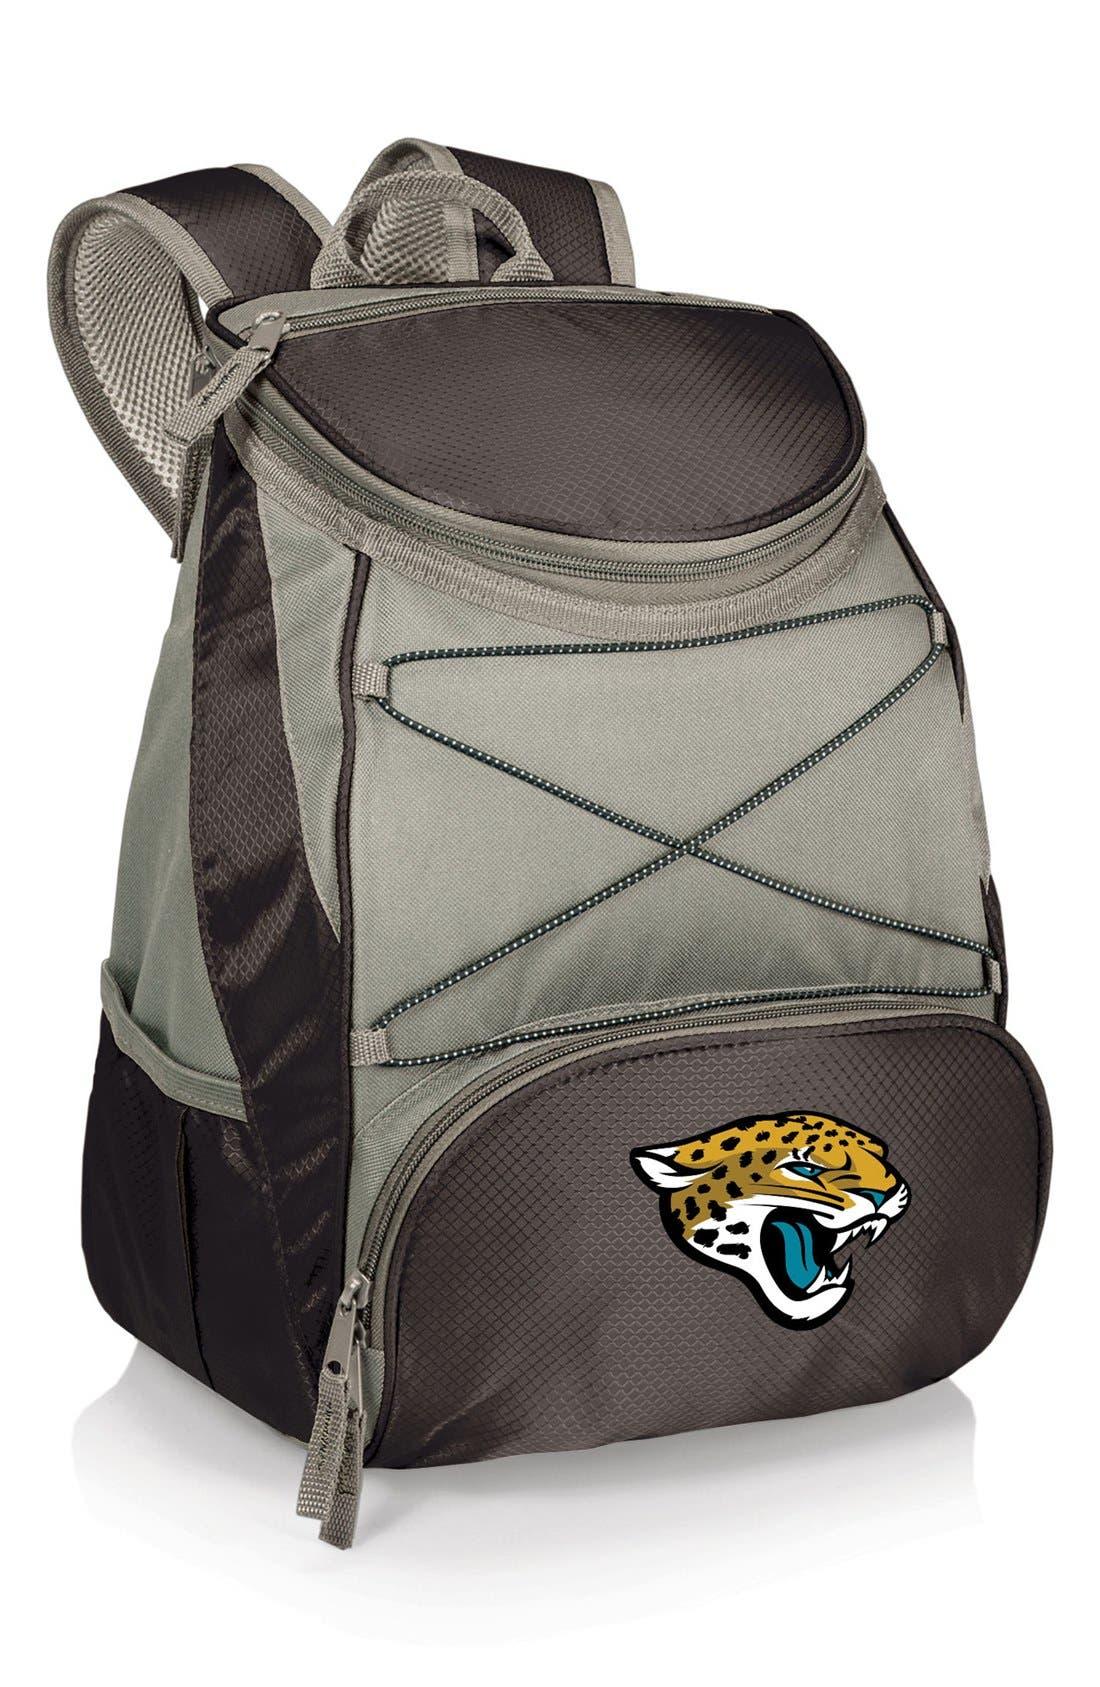 'PTX' Water Resistant Backpack Cooler,                         Main,                         color, Jacksonville Jaguars